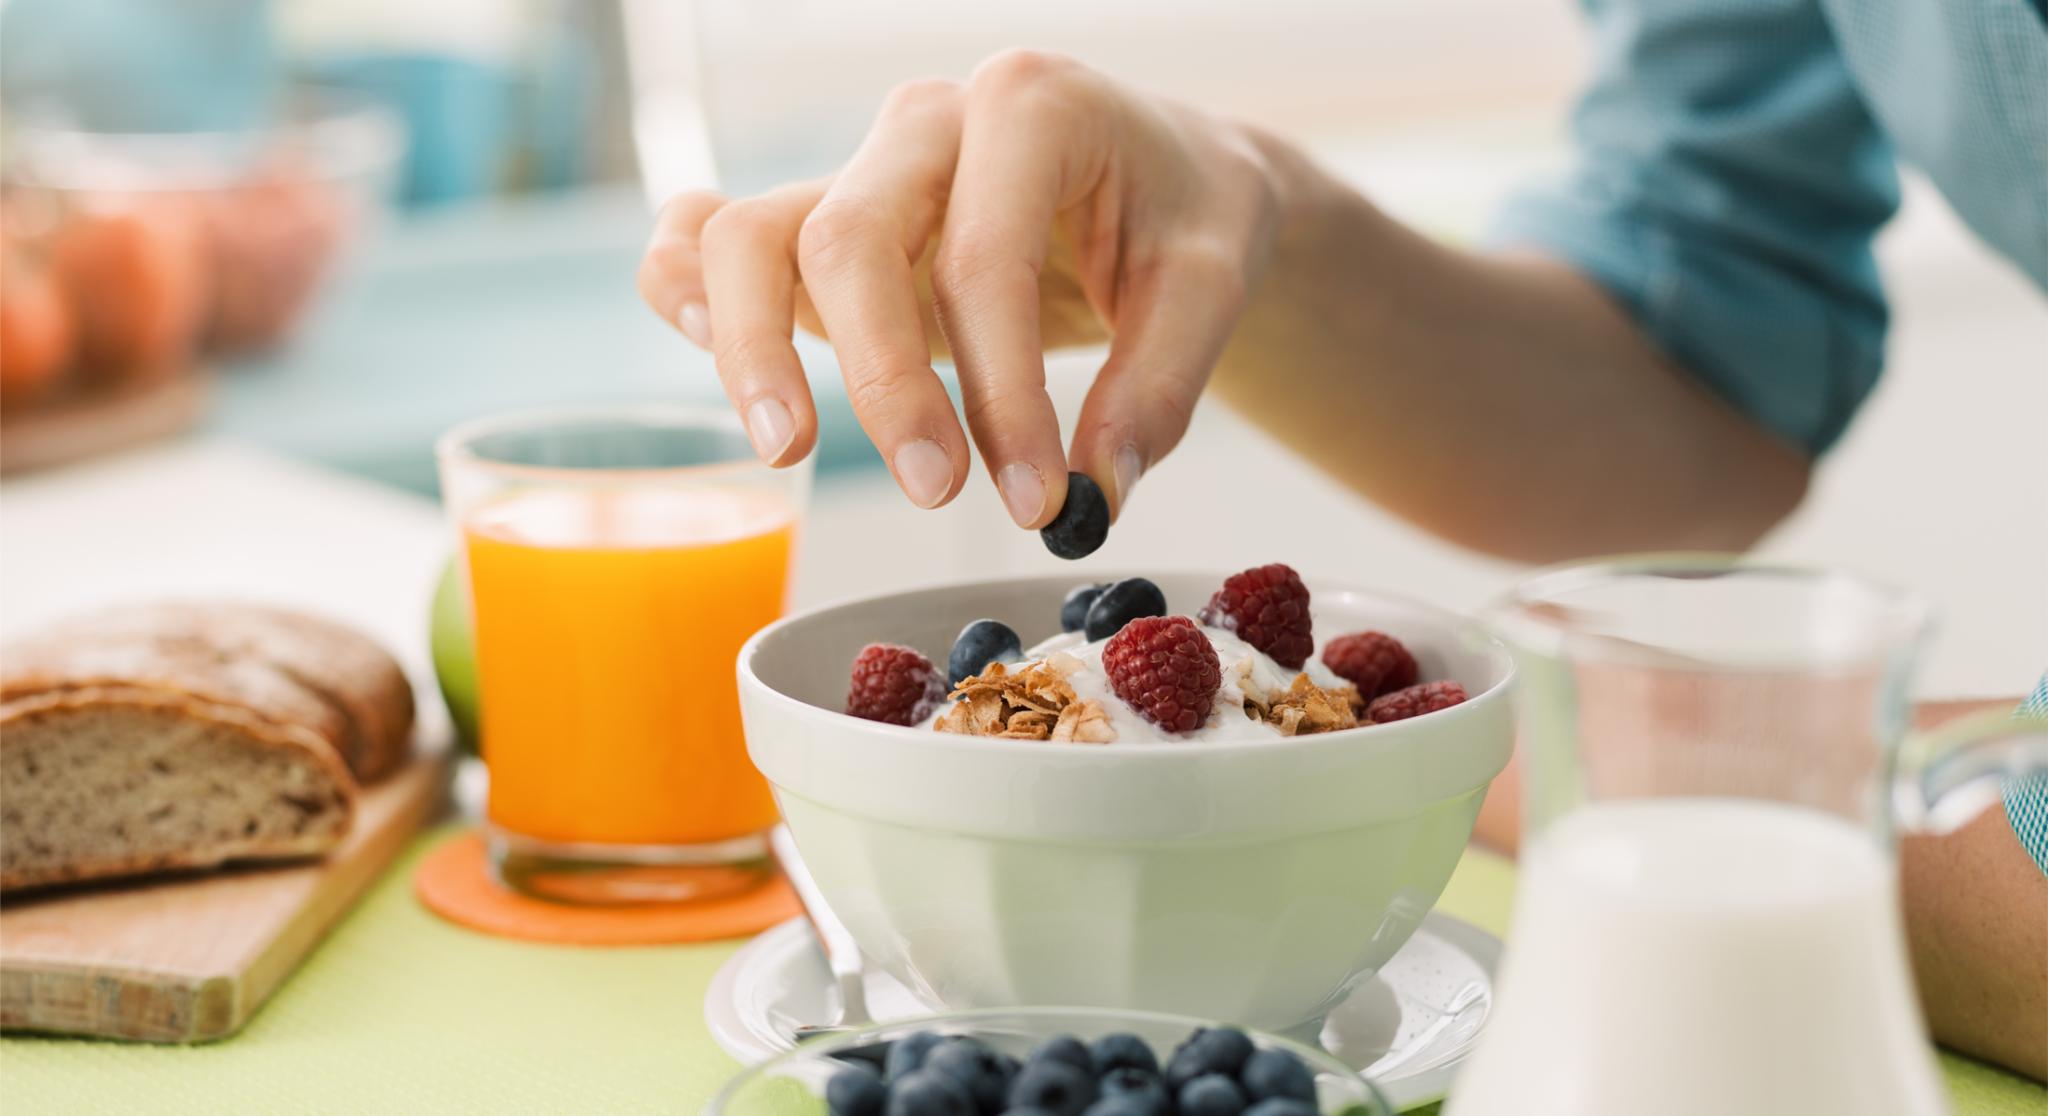 Produits fermentés contenant des probiotiques semble